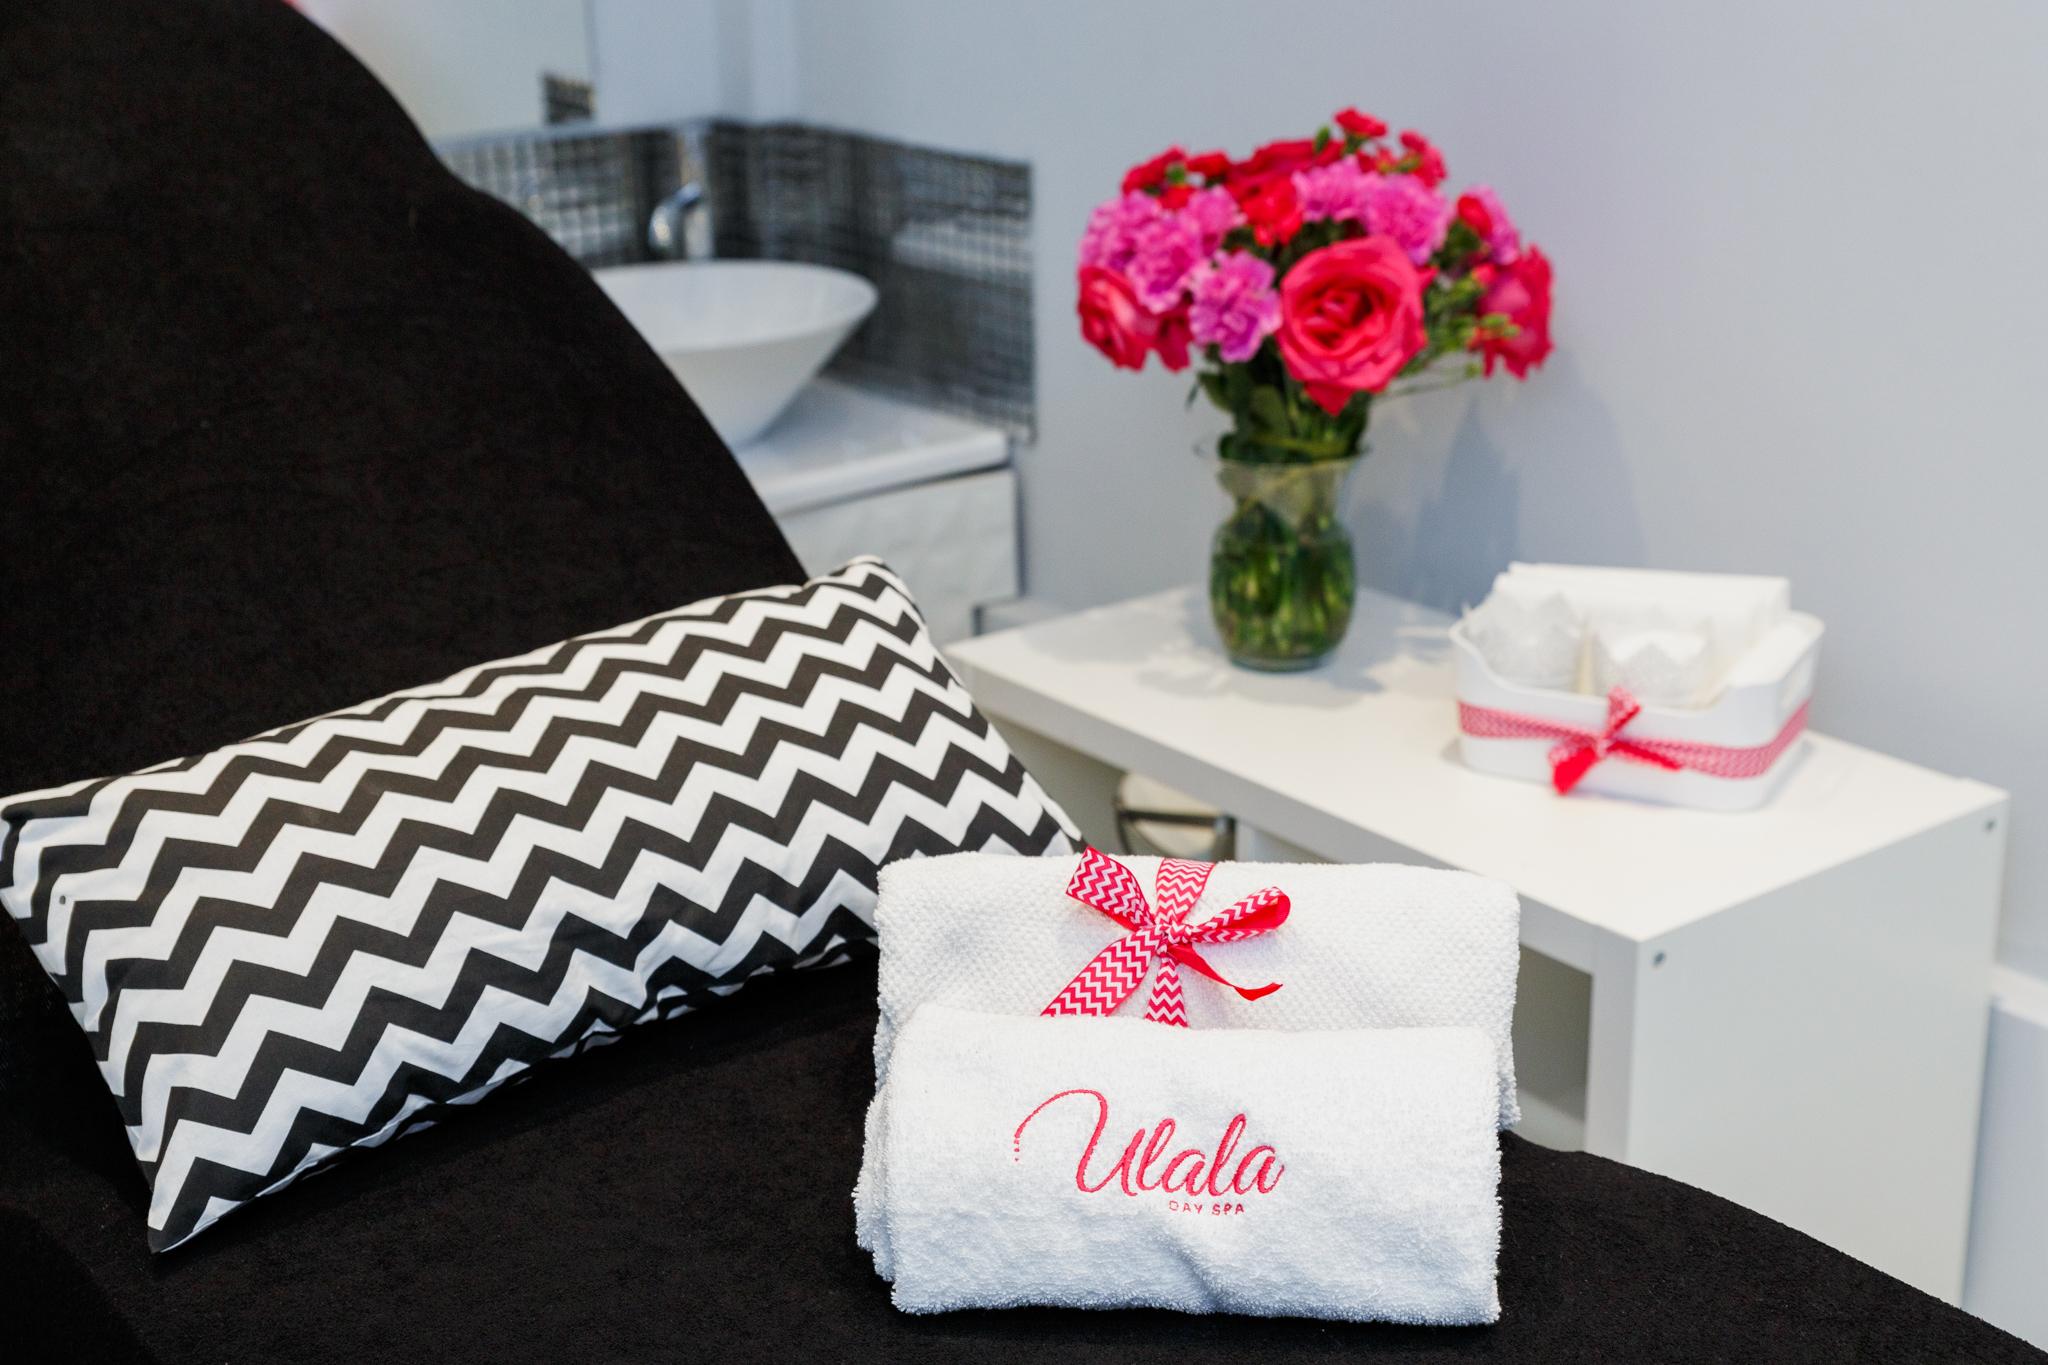 Salon kosmetyczny Ulala